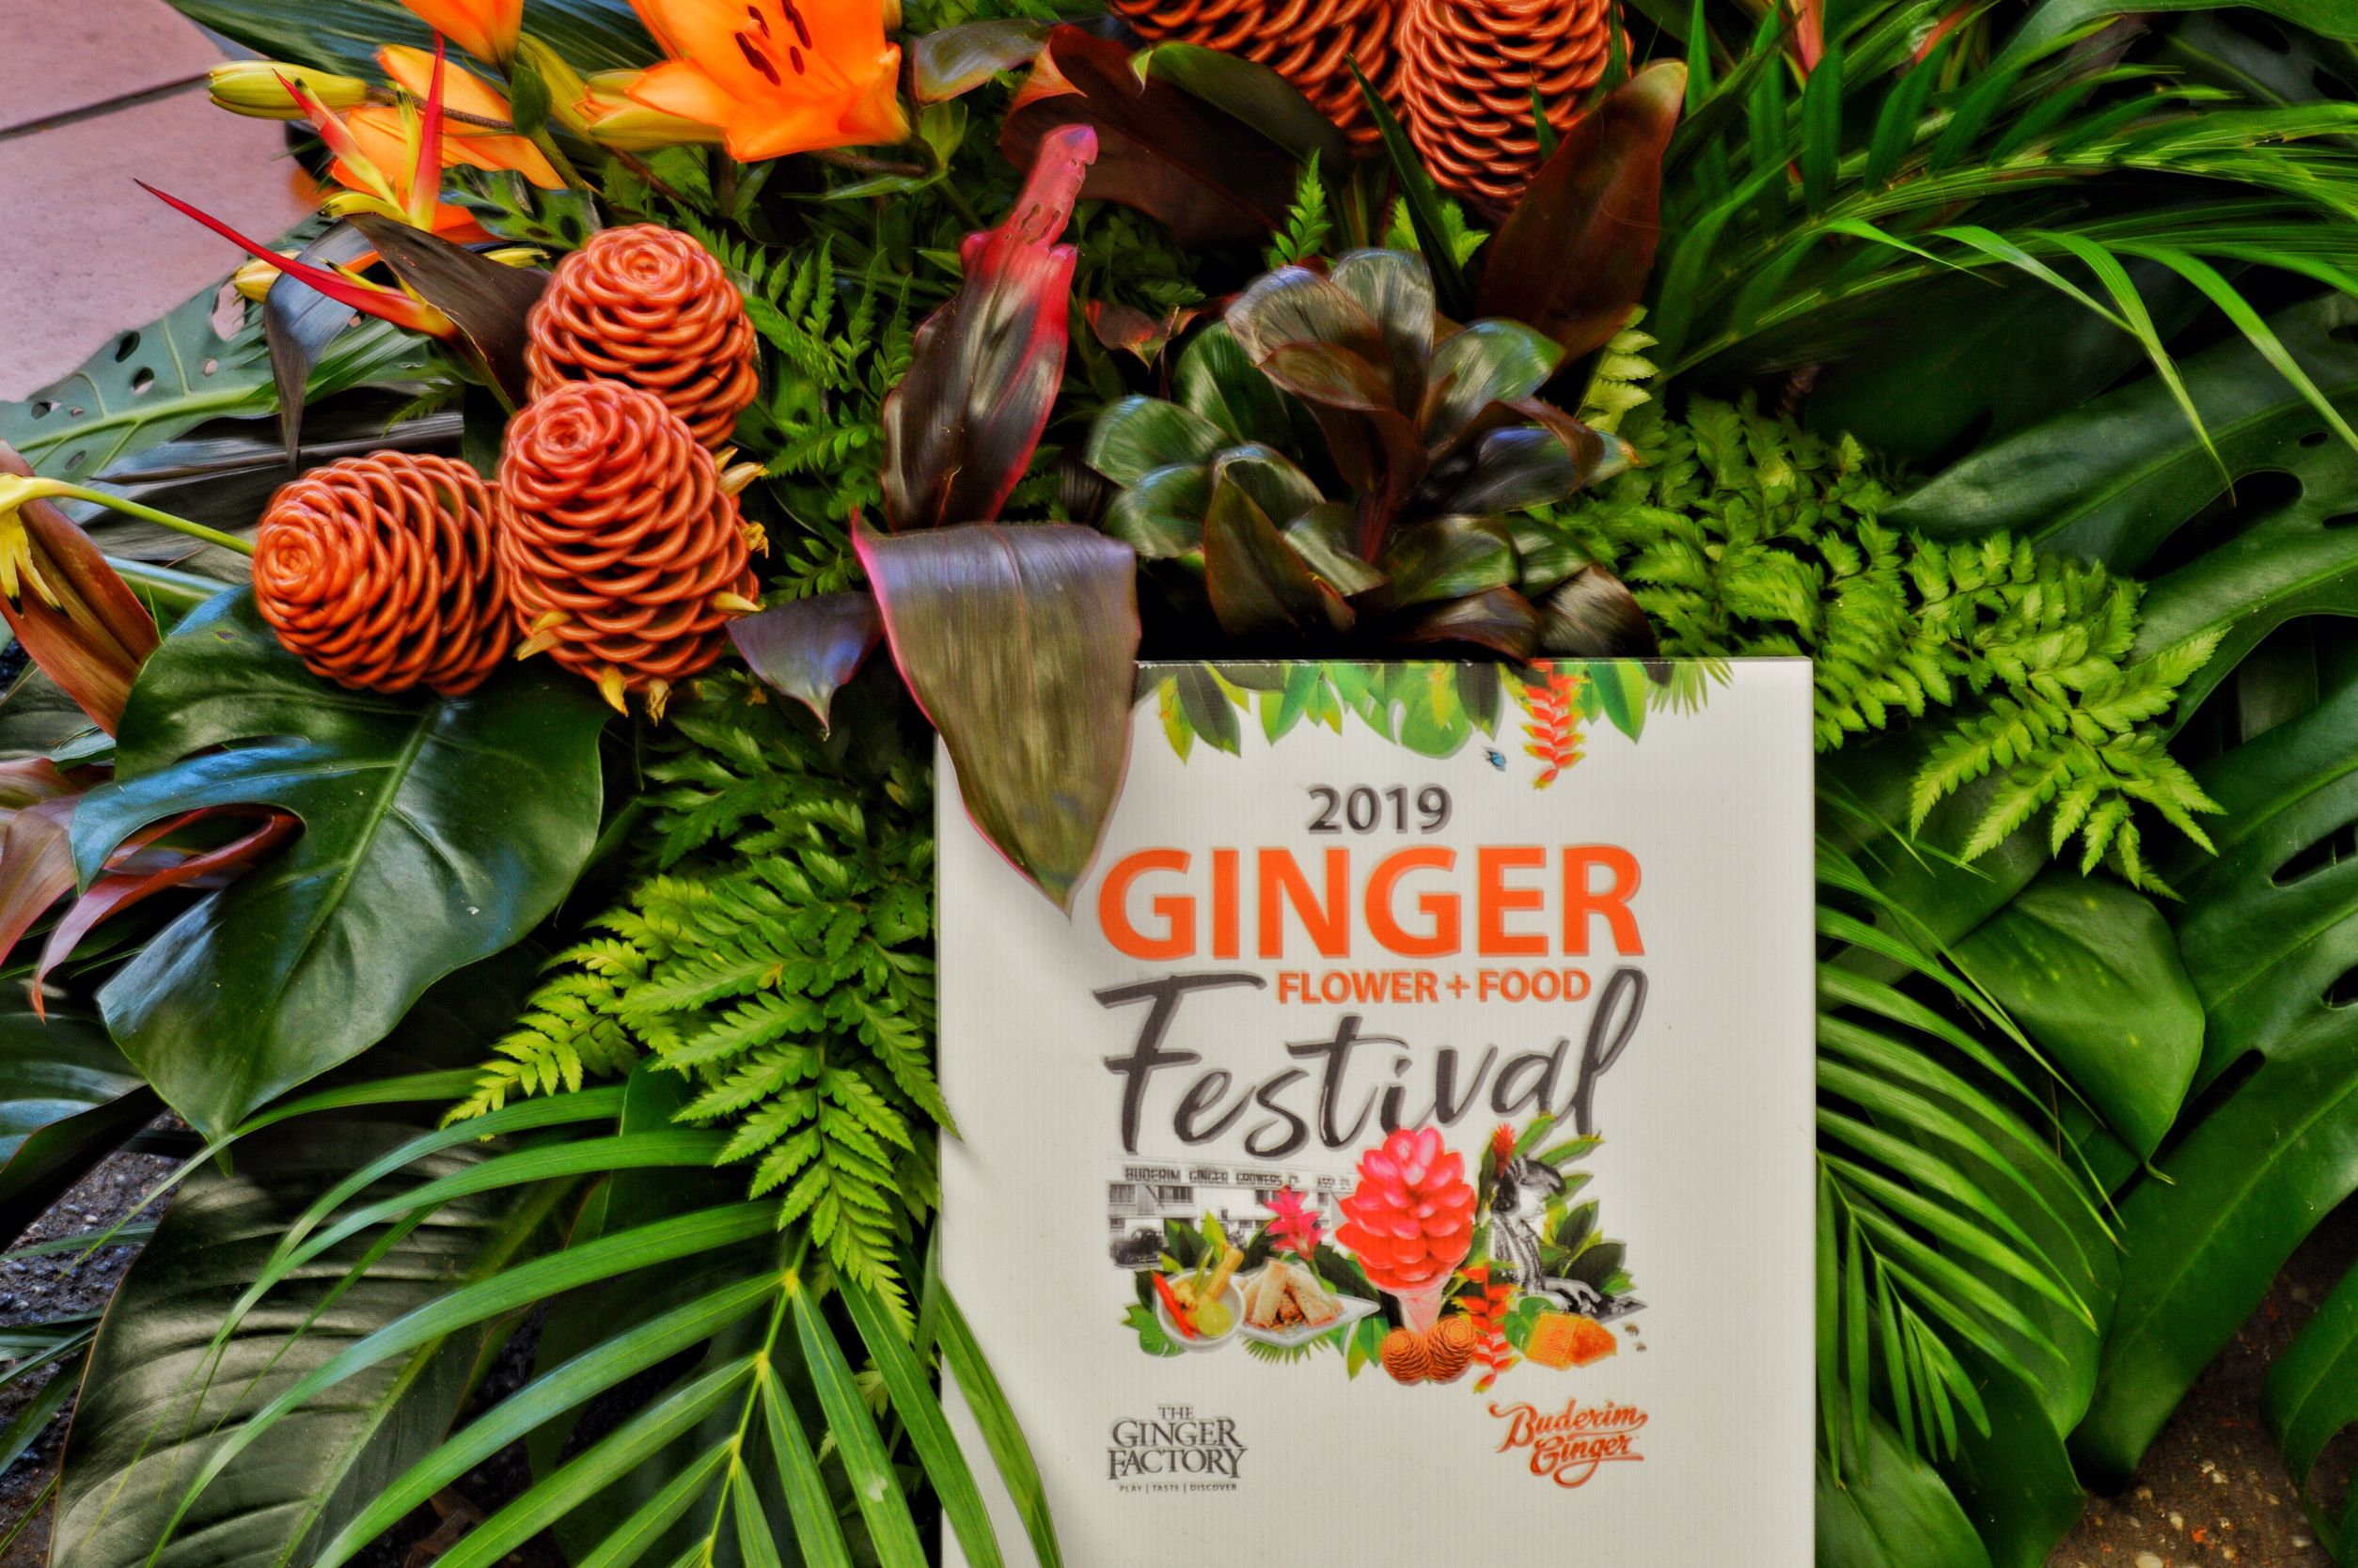 Ginger Flower Food Festival 2019 Flower Food Ginger Flower Food Festival